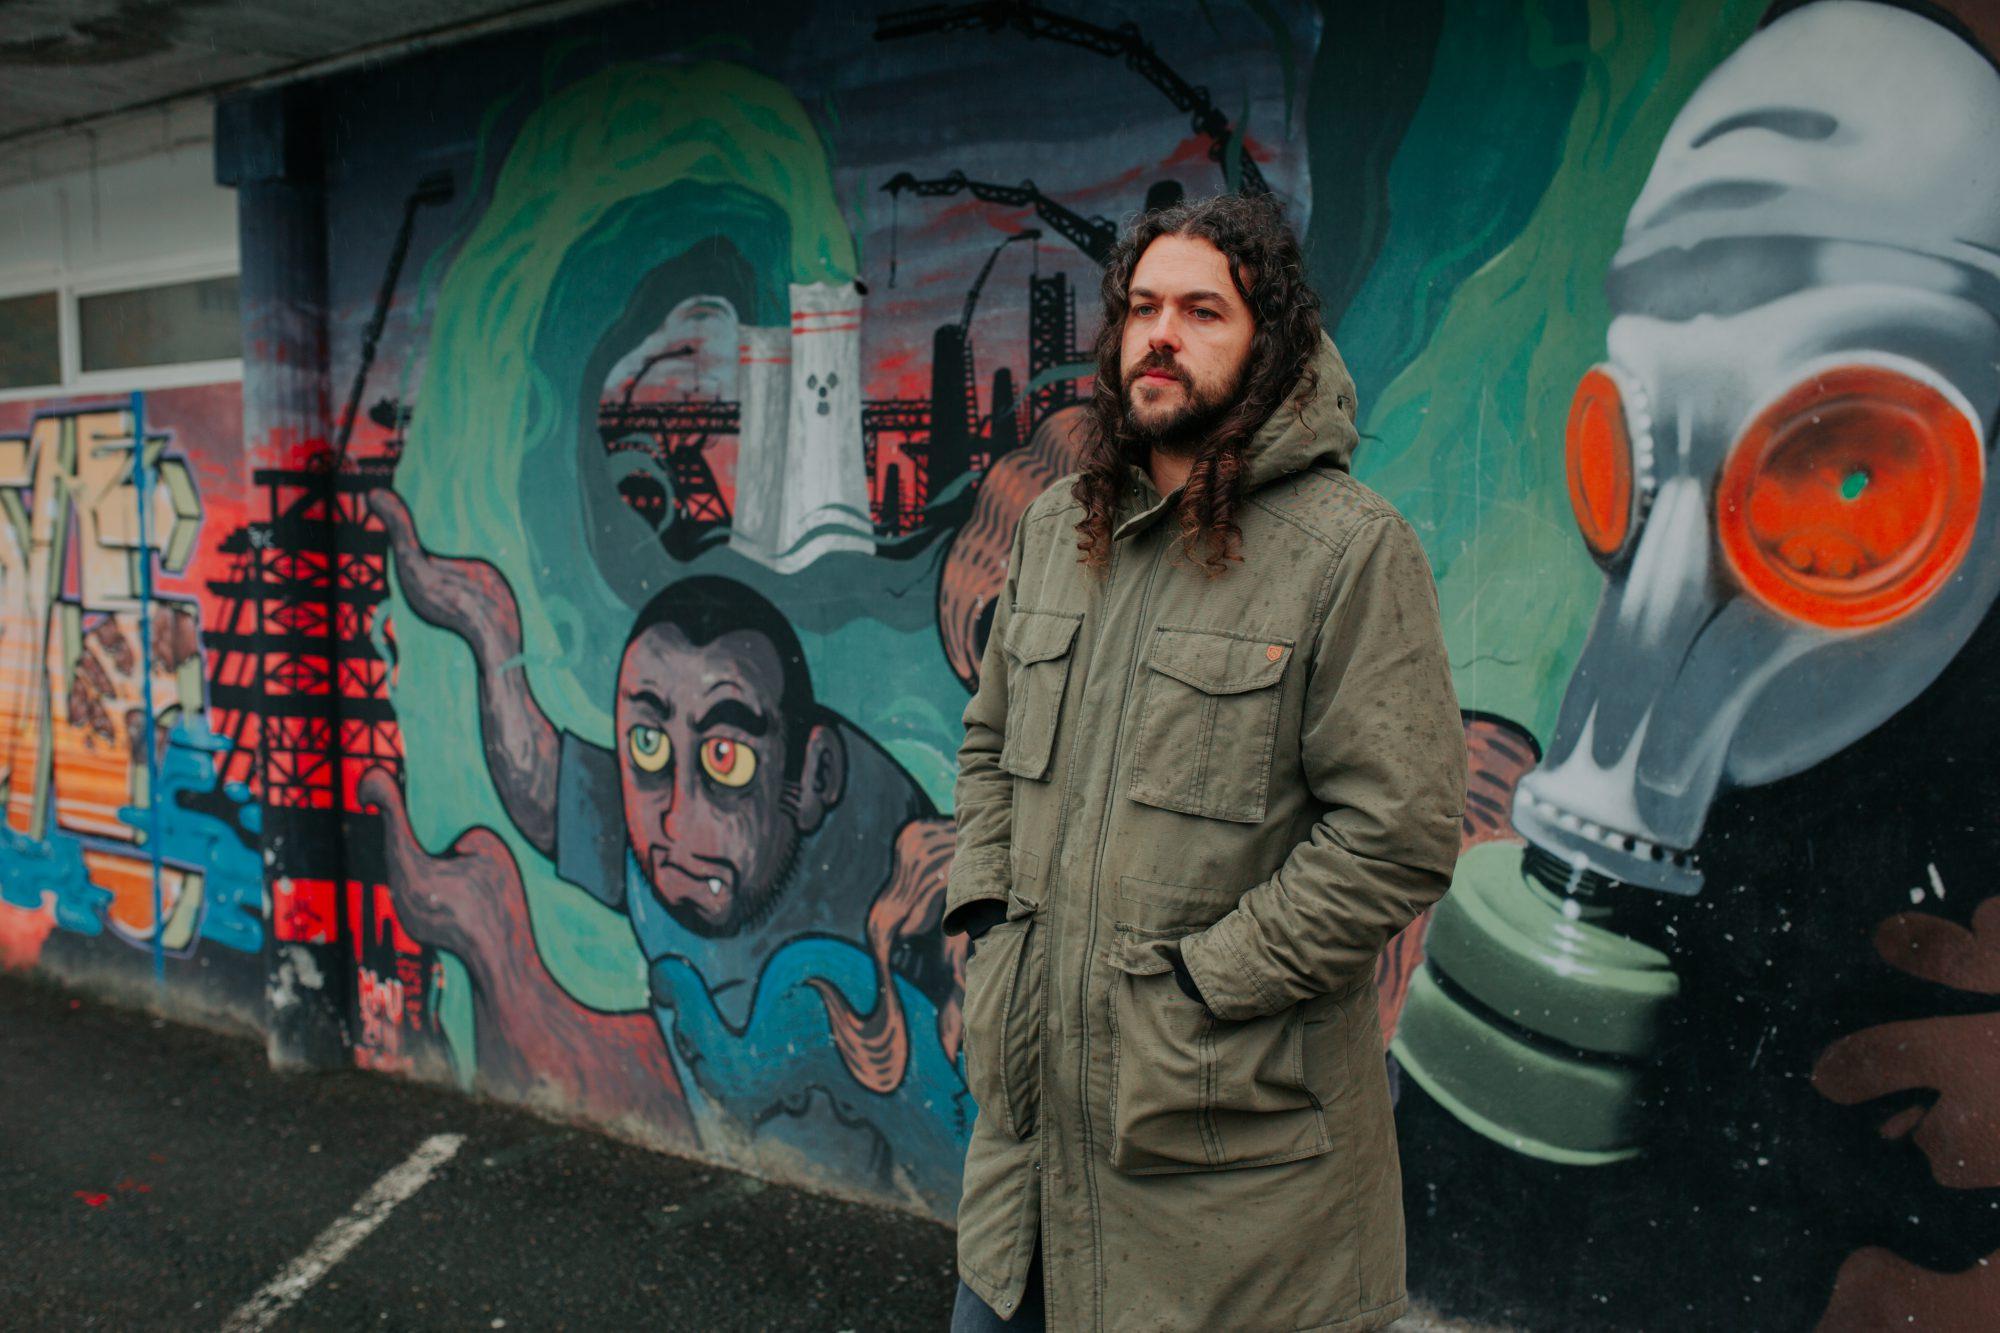 Street art en Ordes: Mou Mutante delante de una de sus obras realizada junto al grafitero X Pen.